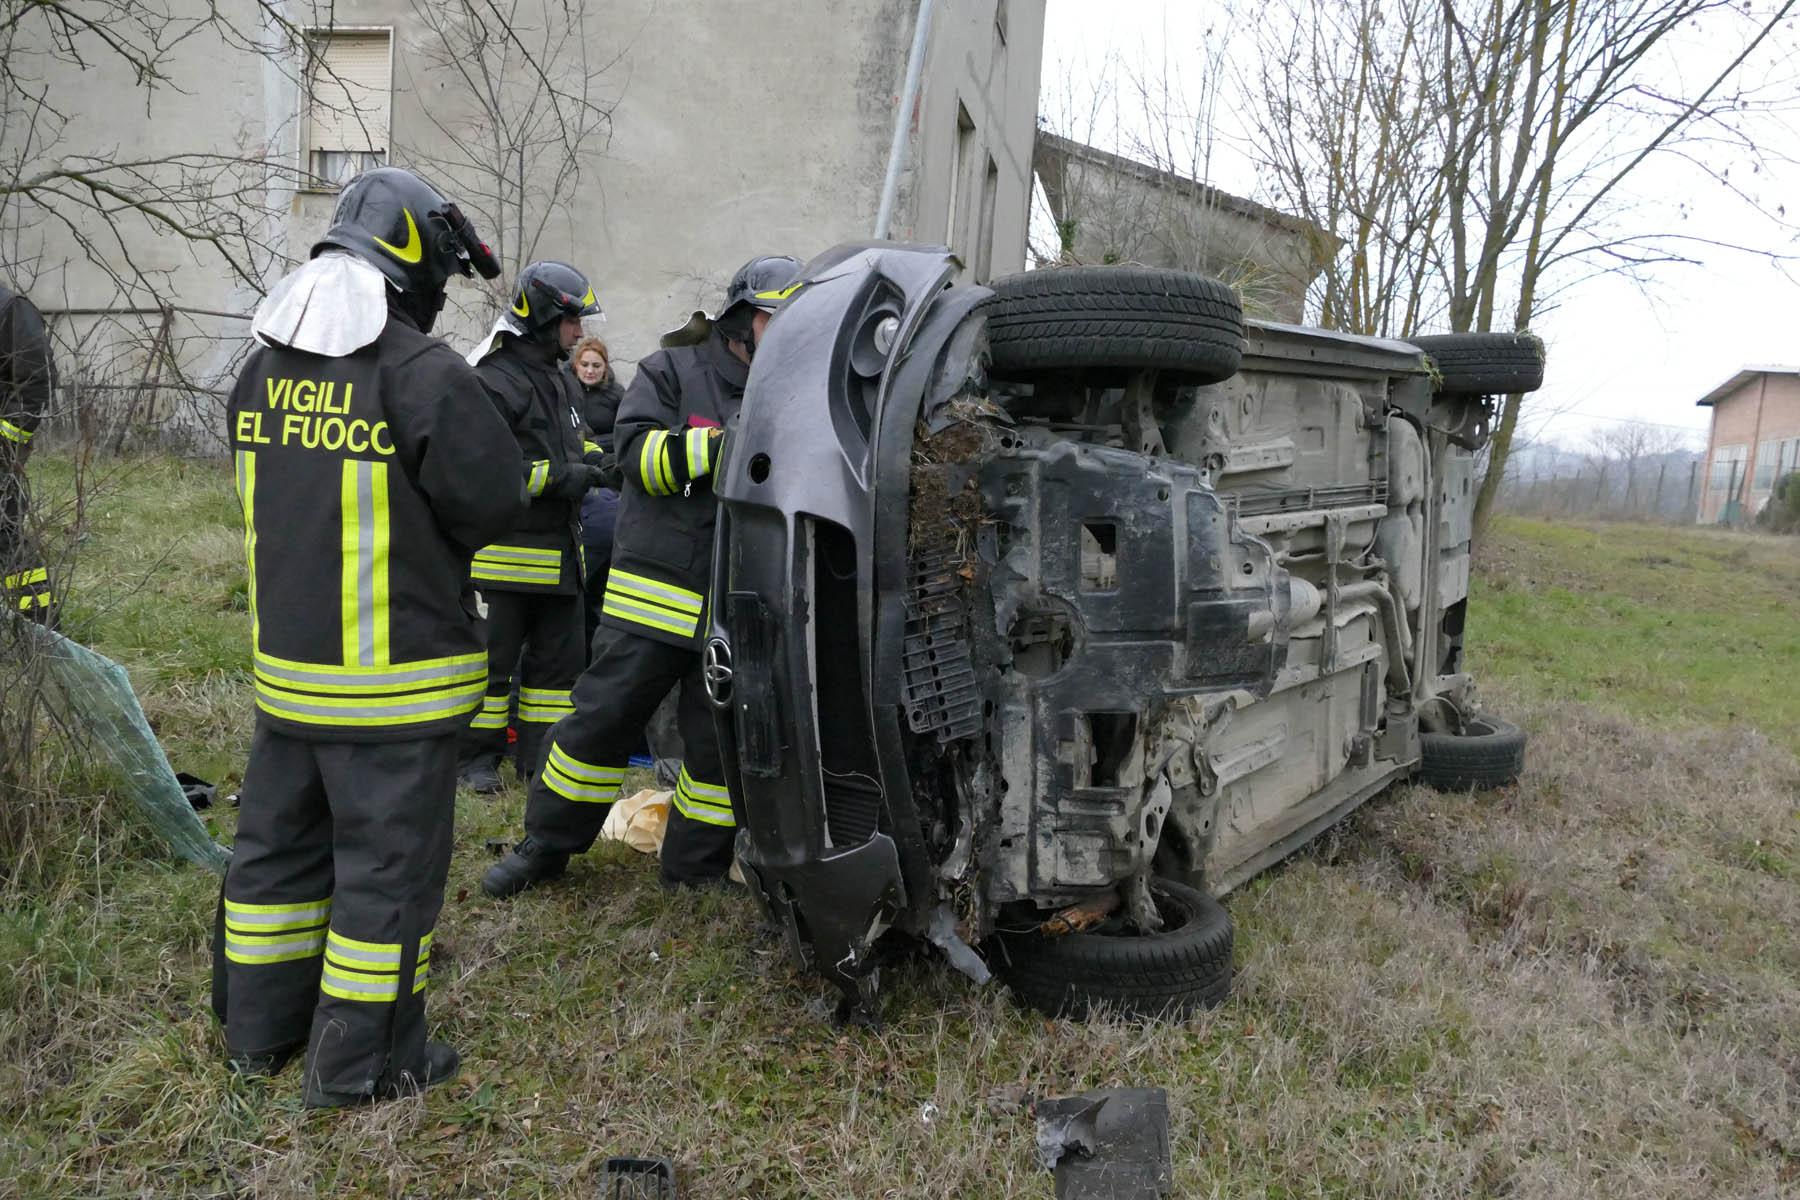 Paura a Ziano: auto esce di strada e si ribalta, una donna all'ospedale